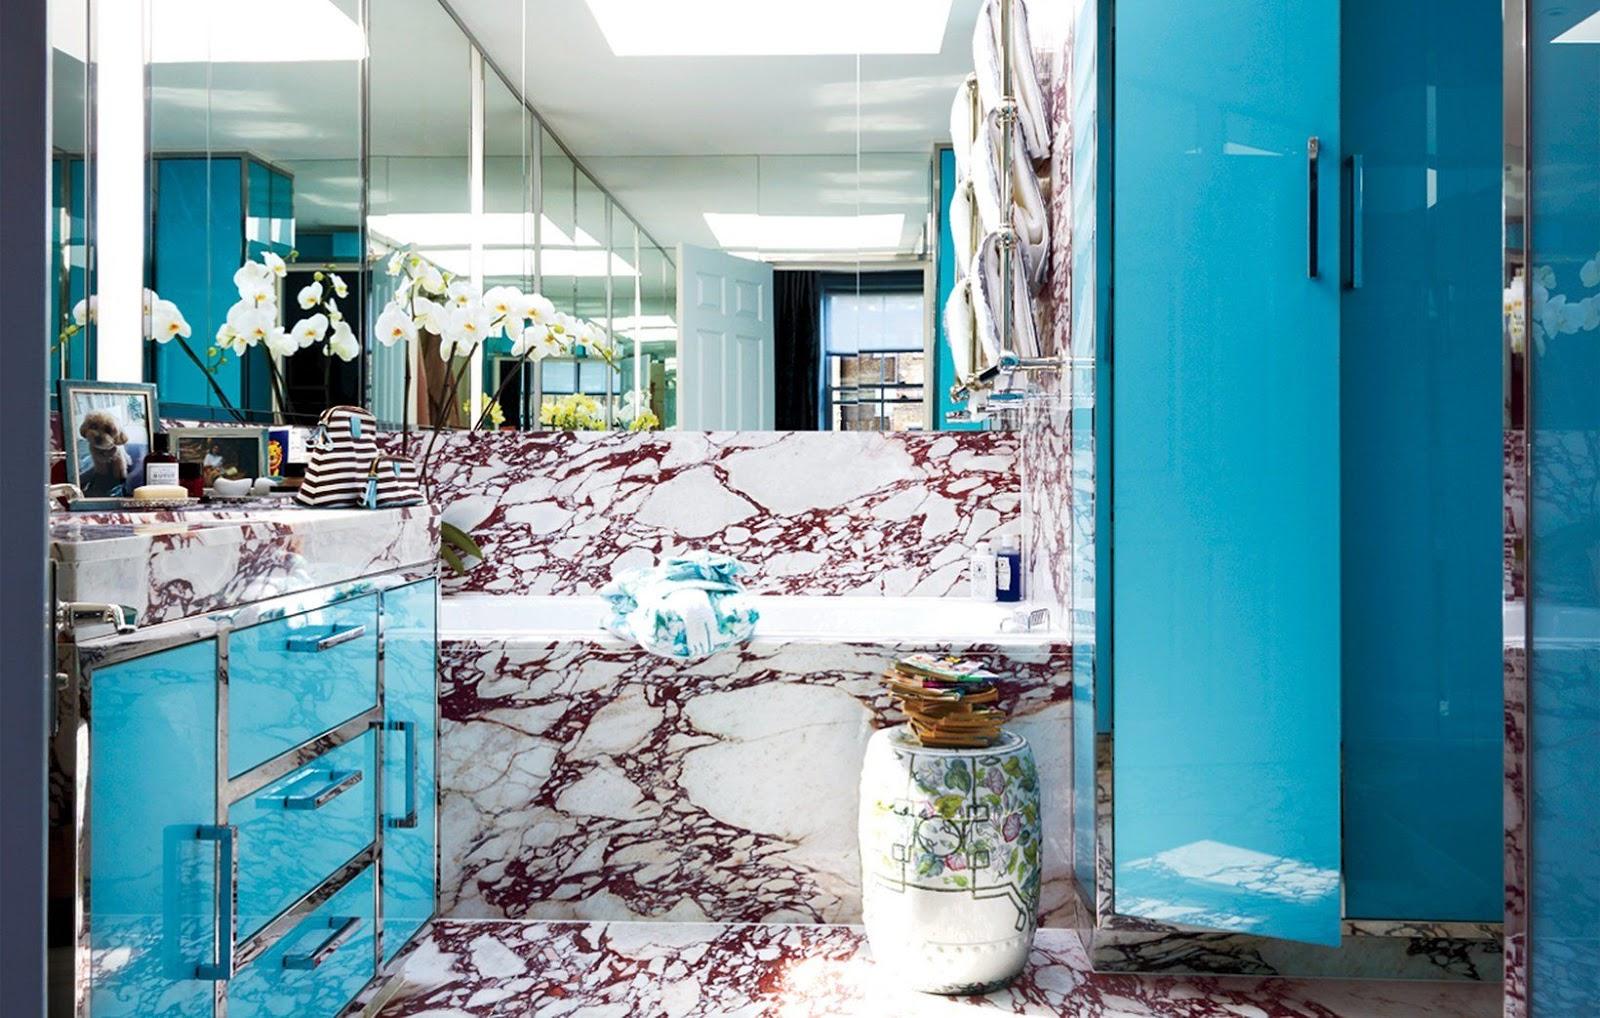 Kimloại và đá cẩm thạch 2 vật liệu ưu ái, phù hợp với phòng tắm đậm chất style retro